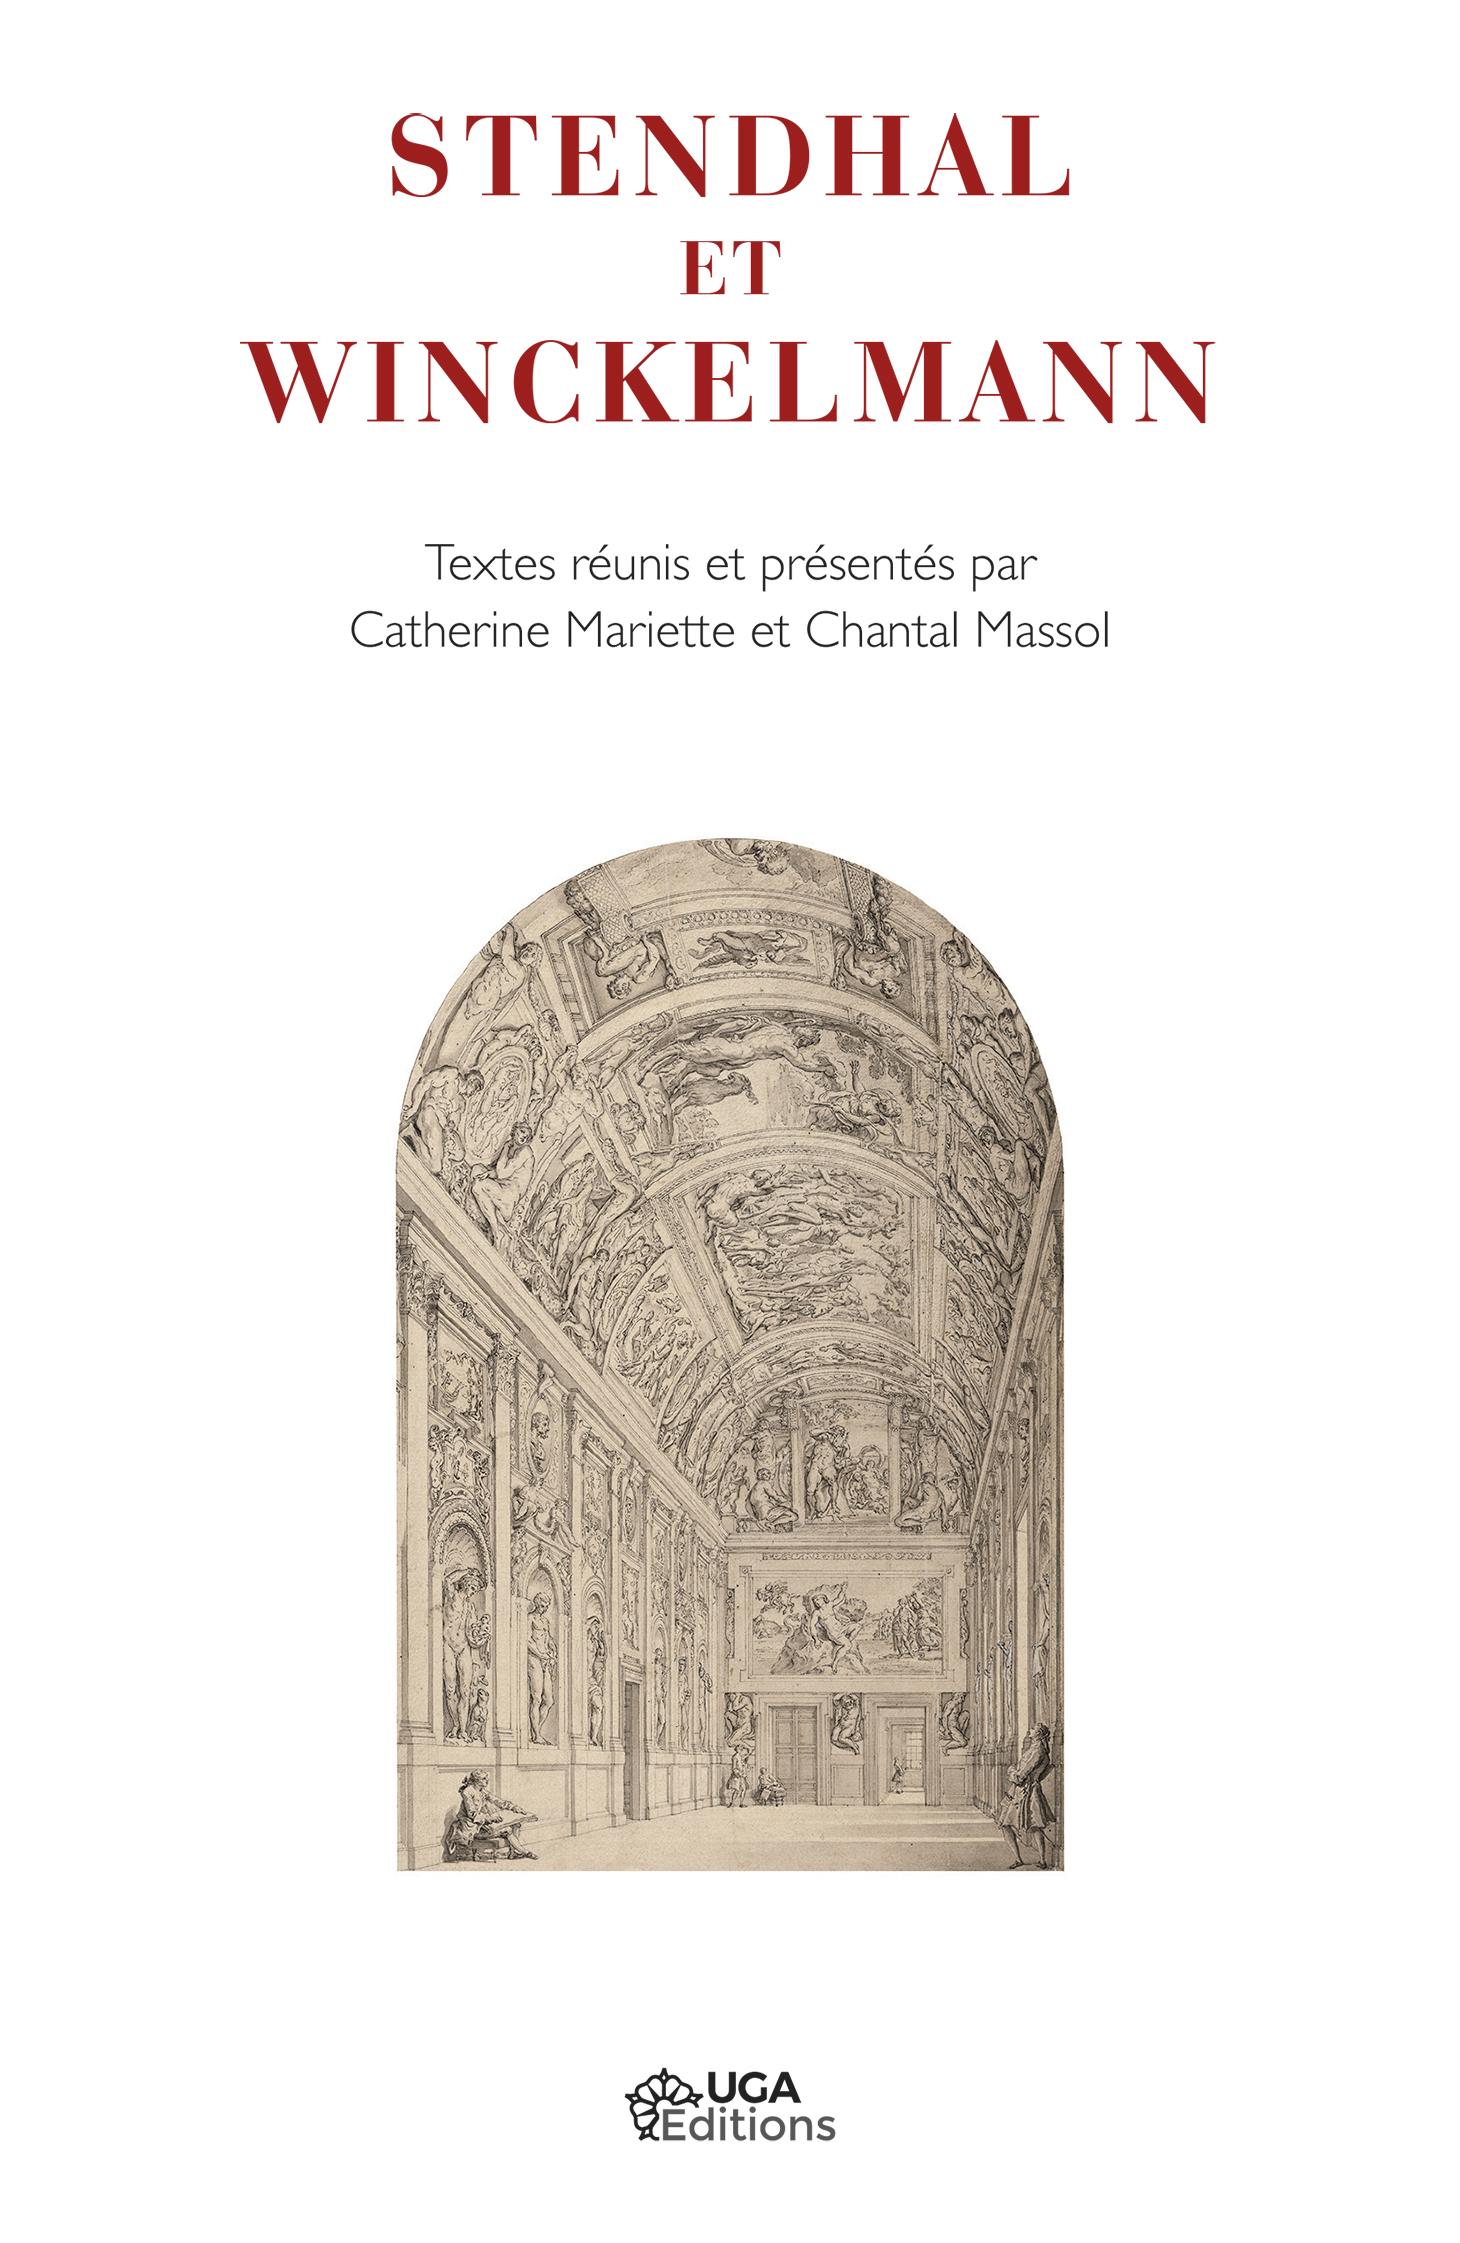 C. Mariette et C. Massol, Stendhal et Winckelmann